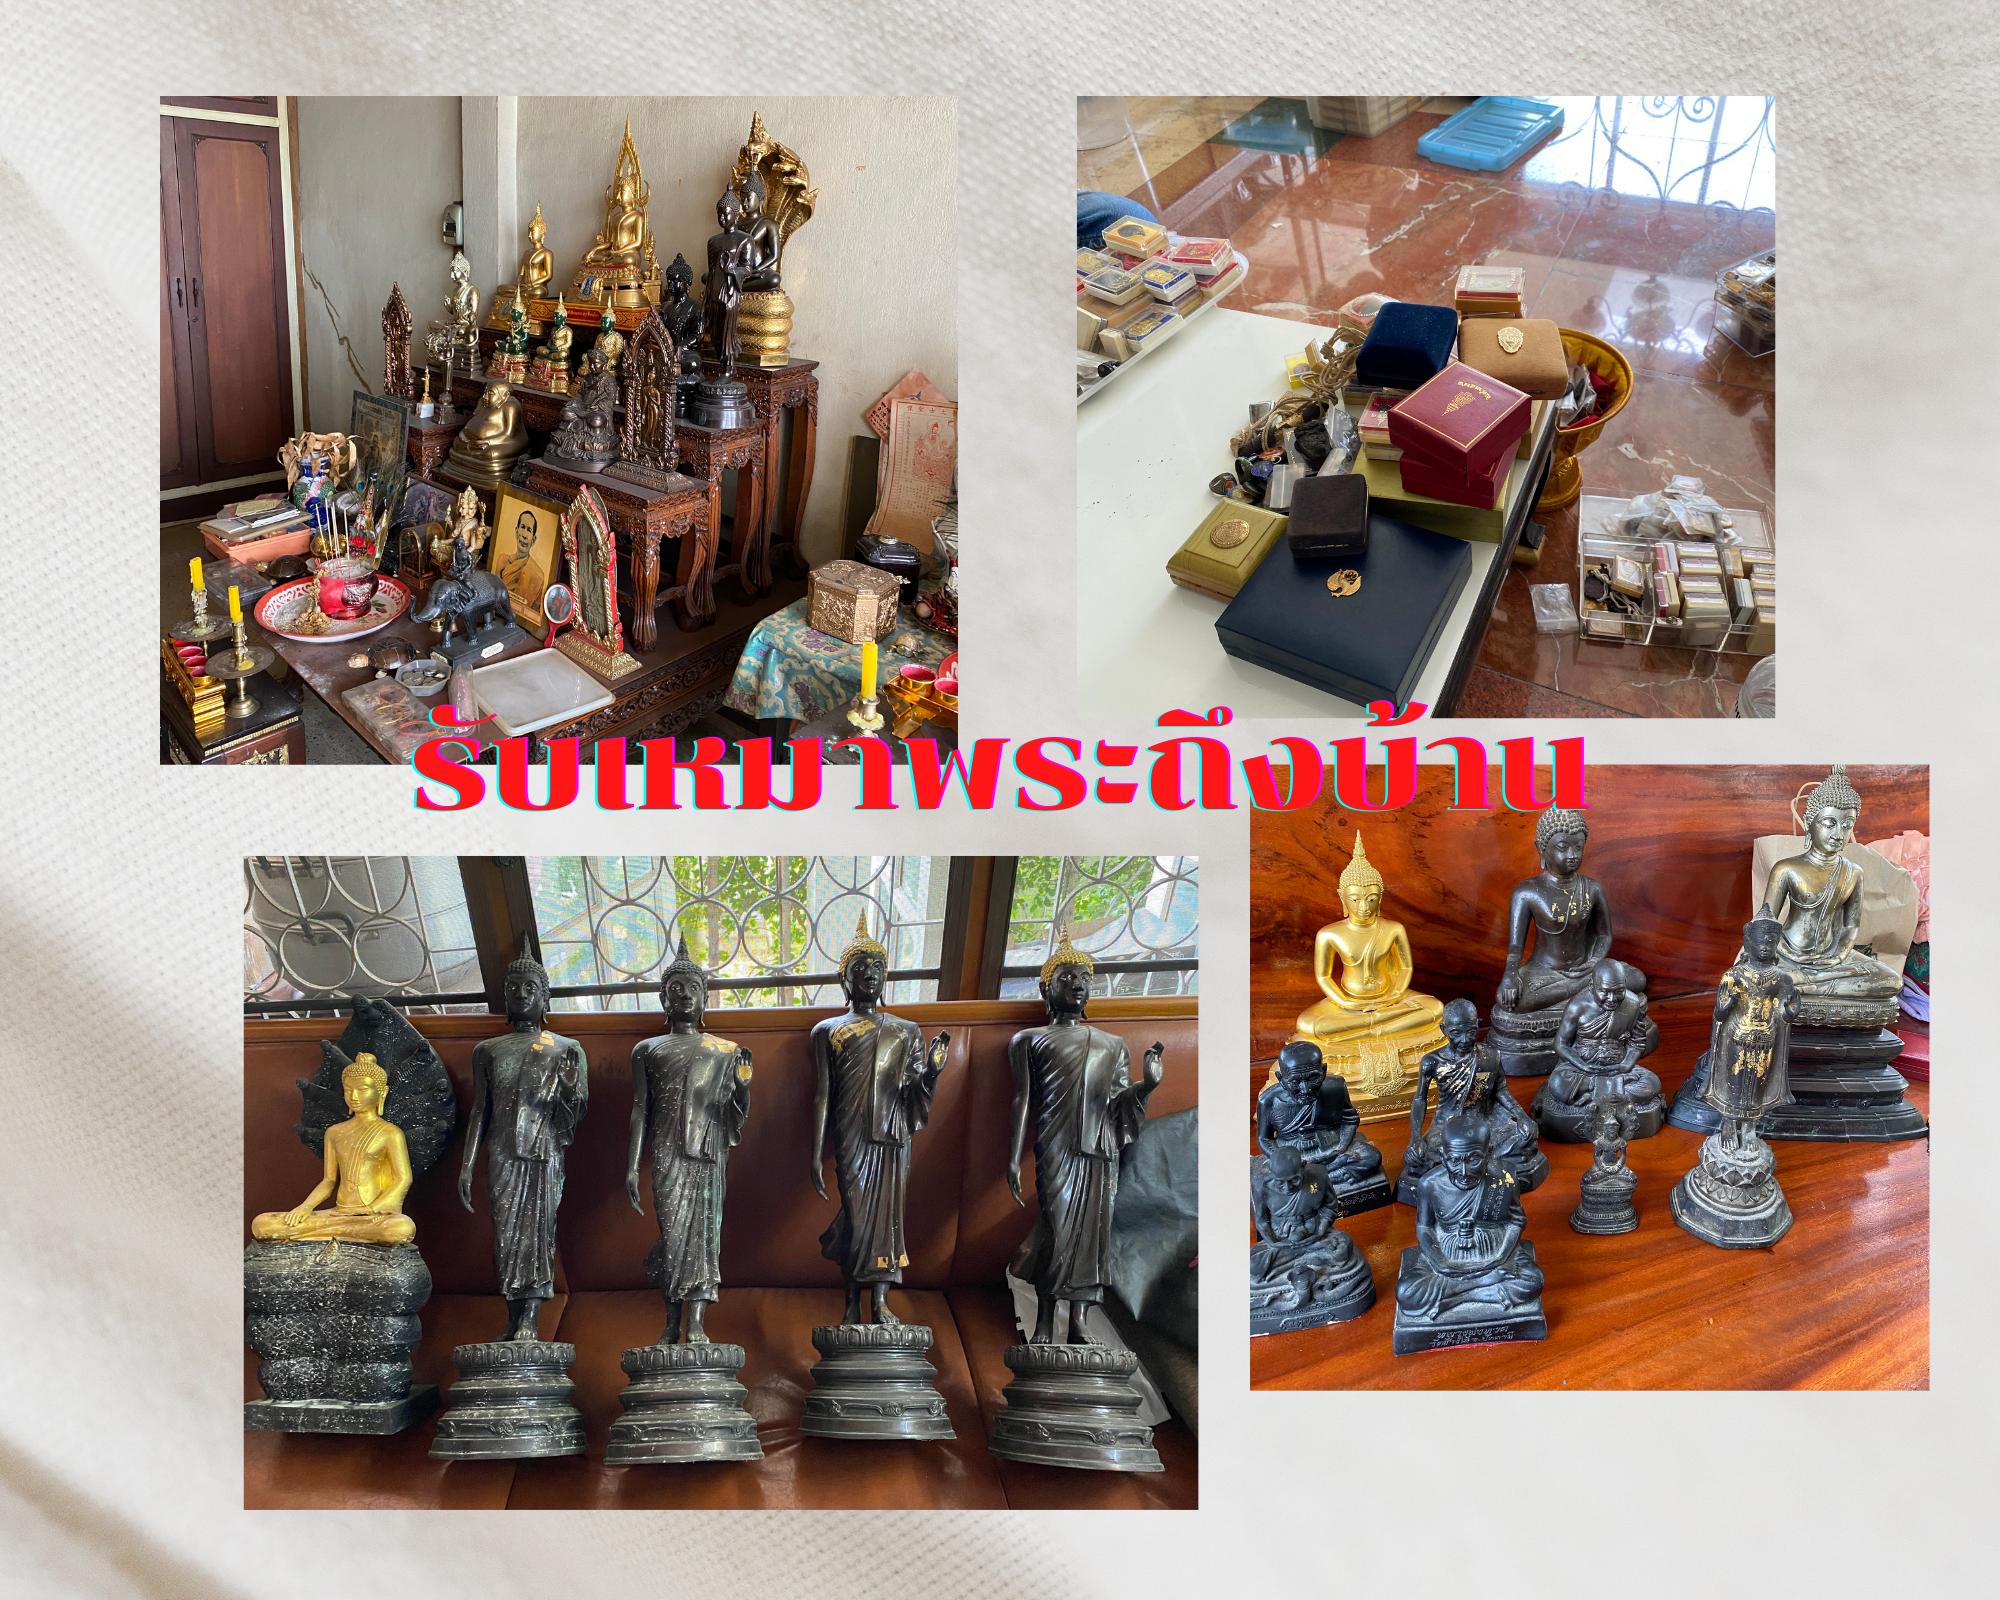 รับเหมาพระถึงที่ รับเหมาพระบูชาเก่าใหม่ สอบถามการรับเช่าพระ ข้อมูลการซื้อขายพระ รับเช่าพระทั่วกรุงเทพฯ รับเช่าพระต่างจังหวัด รับเช่าพระสุขุมวิท รับเช่าพระพระราม9 รับเช่าพระสีพระยา รับเช่าสวนหลวง รับเช่าพระบางรัก รับเช่าพระสาทร รับเช่าพระพระราม3 รับเช่าพระเจริญกรุง รับเช่าพระสาธุประดิษ